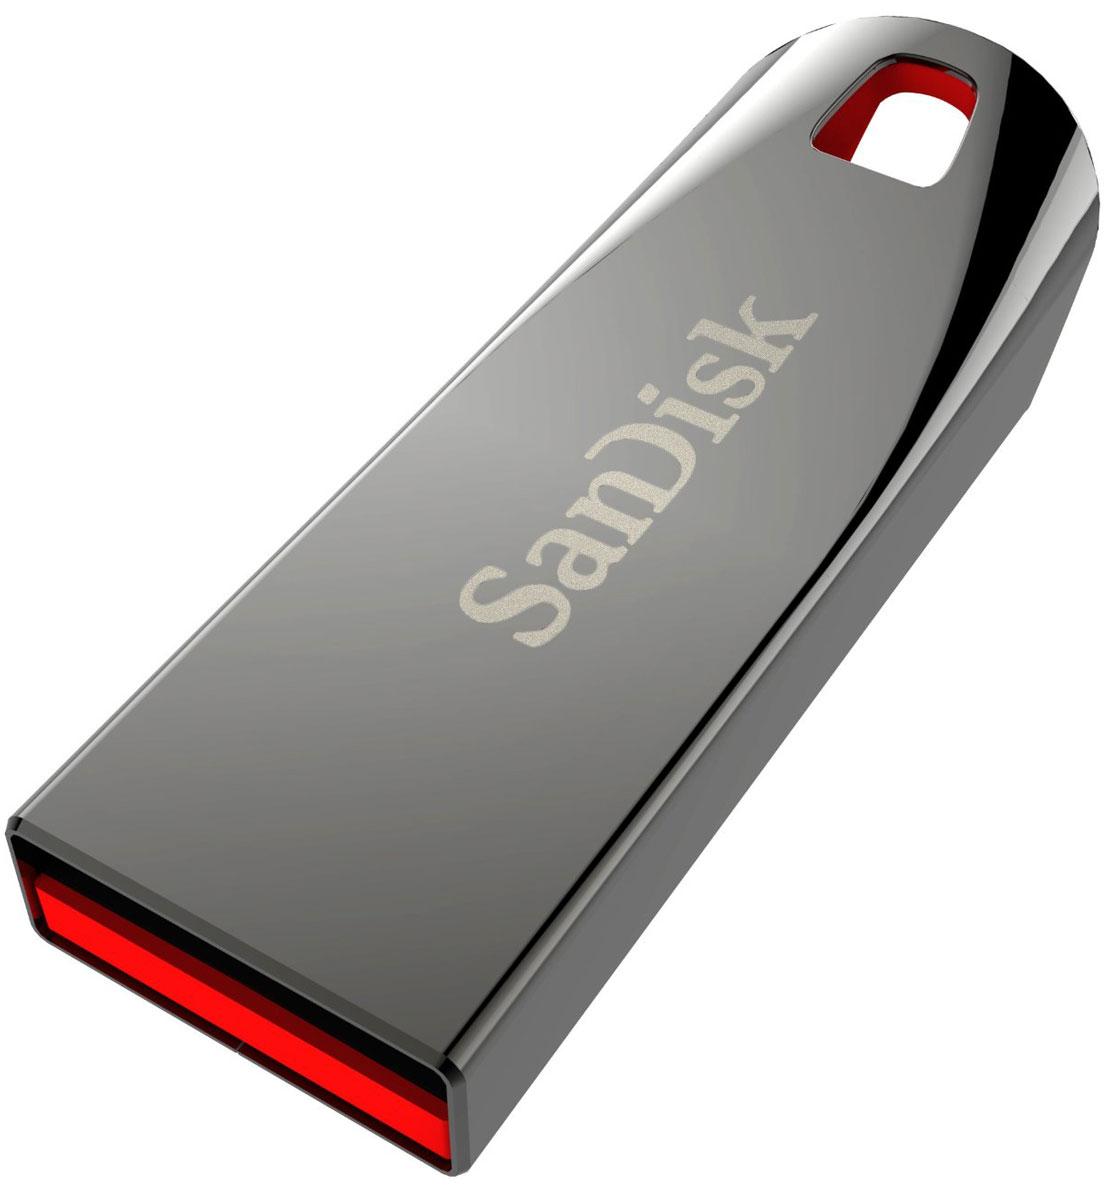 SanDisk Cruzer Force 64GB, Metallic USB-накопительSDCZ71-064G-B35USB-накопитель SanDisk Cruzer Force — это стильное и запоминающееся устройство, достаточно вместительное для хранения больших объемов данных. Данный USB-накопитель выполнен в прочном металлическом корпусе, который придает ему особый шик. Благодаря большой емкости на этом надежном накопителе будет достаточно места даже для самых больших файлов, включая изображения высокого разрешения и видео. В комплекте с устройством поставляется программное обеспечение SanDisk SecureAccess, с помощью которого можно создать зашифрованную папку, защищенную паролем. Вы сможете передавать те файлы, которые захотите, исключая при этом возможность доступа к другим файлам. Надежный металлический корпус Достаточно места для хранения видео в формате HD, музыки и фотографий Портативный флеш-накопитель, который без труда поместится в любую сумку или карман Пропускная способность интерфейса: 480 Мбит/сек Совместимость: Windows 8, Windows 7, Windows Vista, Windows XP x64,...